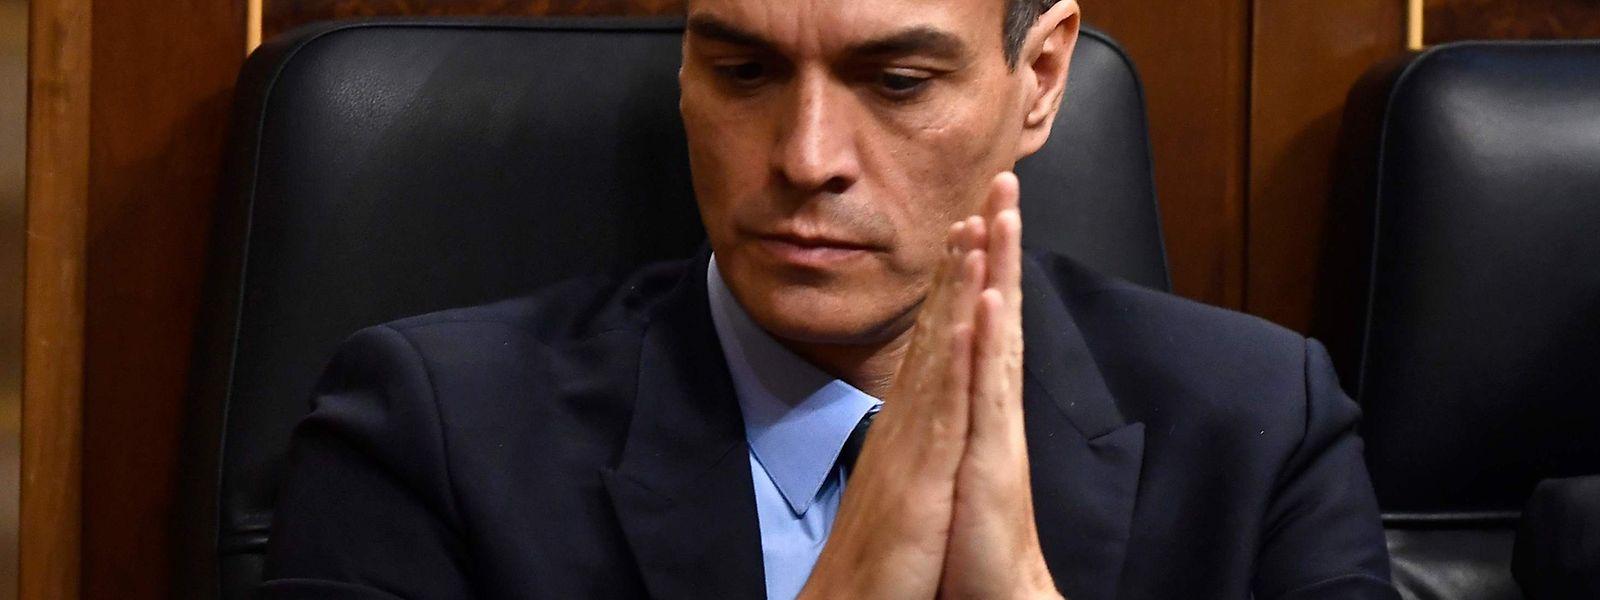 Jetzt hilft nur noch Beten: Spaniens Premier Pedro Sánchez bekommt vom Parlament eine herbe Abfuhr.